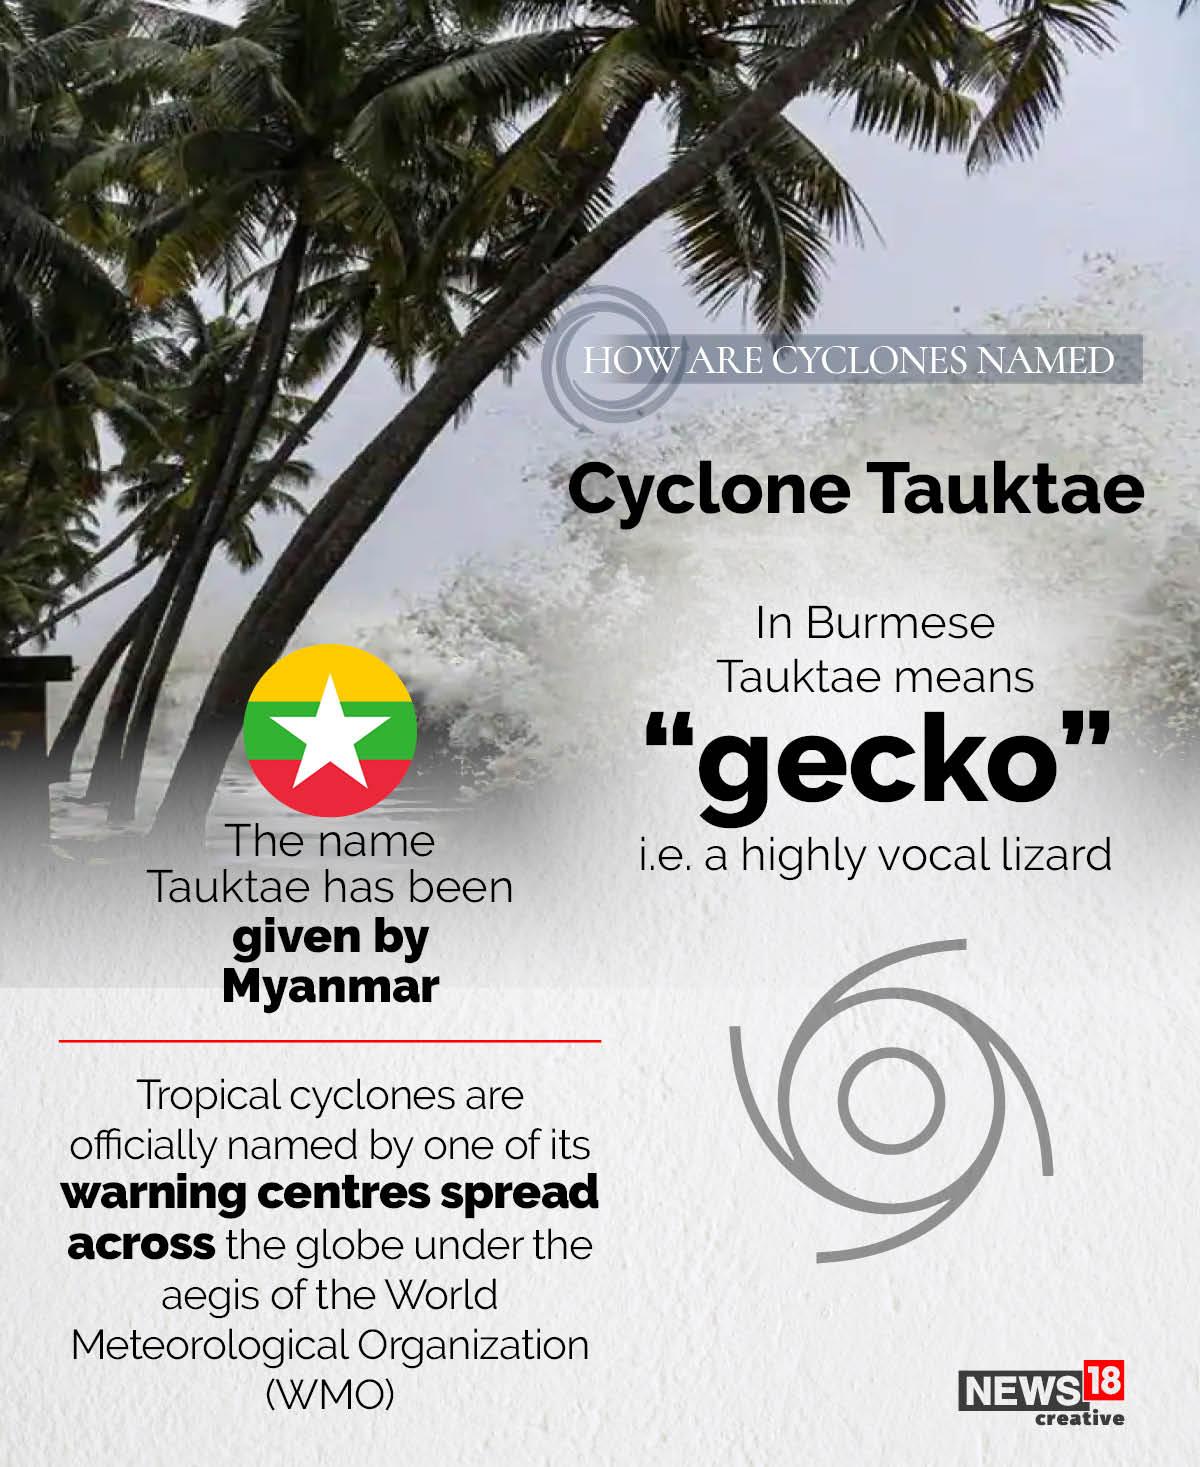 Cyclone Tauktae নামটি মায়ানমারের দেওয়া। মায়ানমার শব্দ 'গেকো' থেকেই এসেছে তওতে নামটি। যার মানে উচ্চস্বর যুক্ত টিকটিকি জাতীয় প্রাণী (highly vocal lizard)।